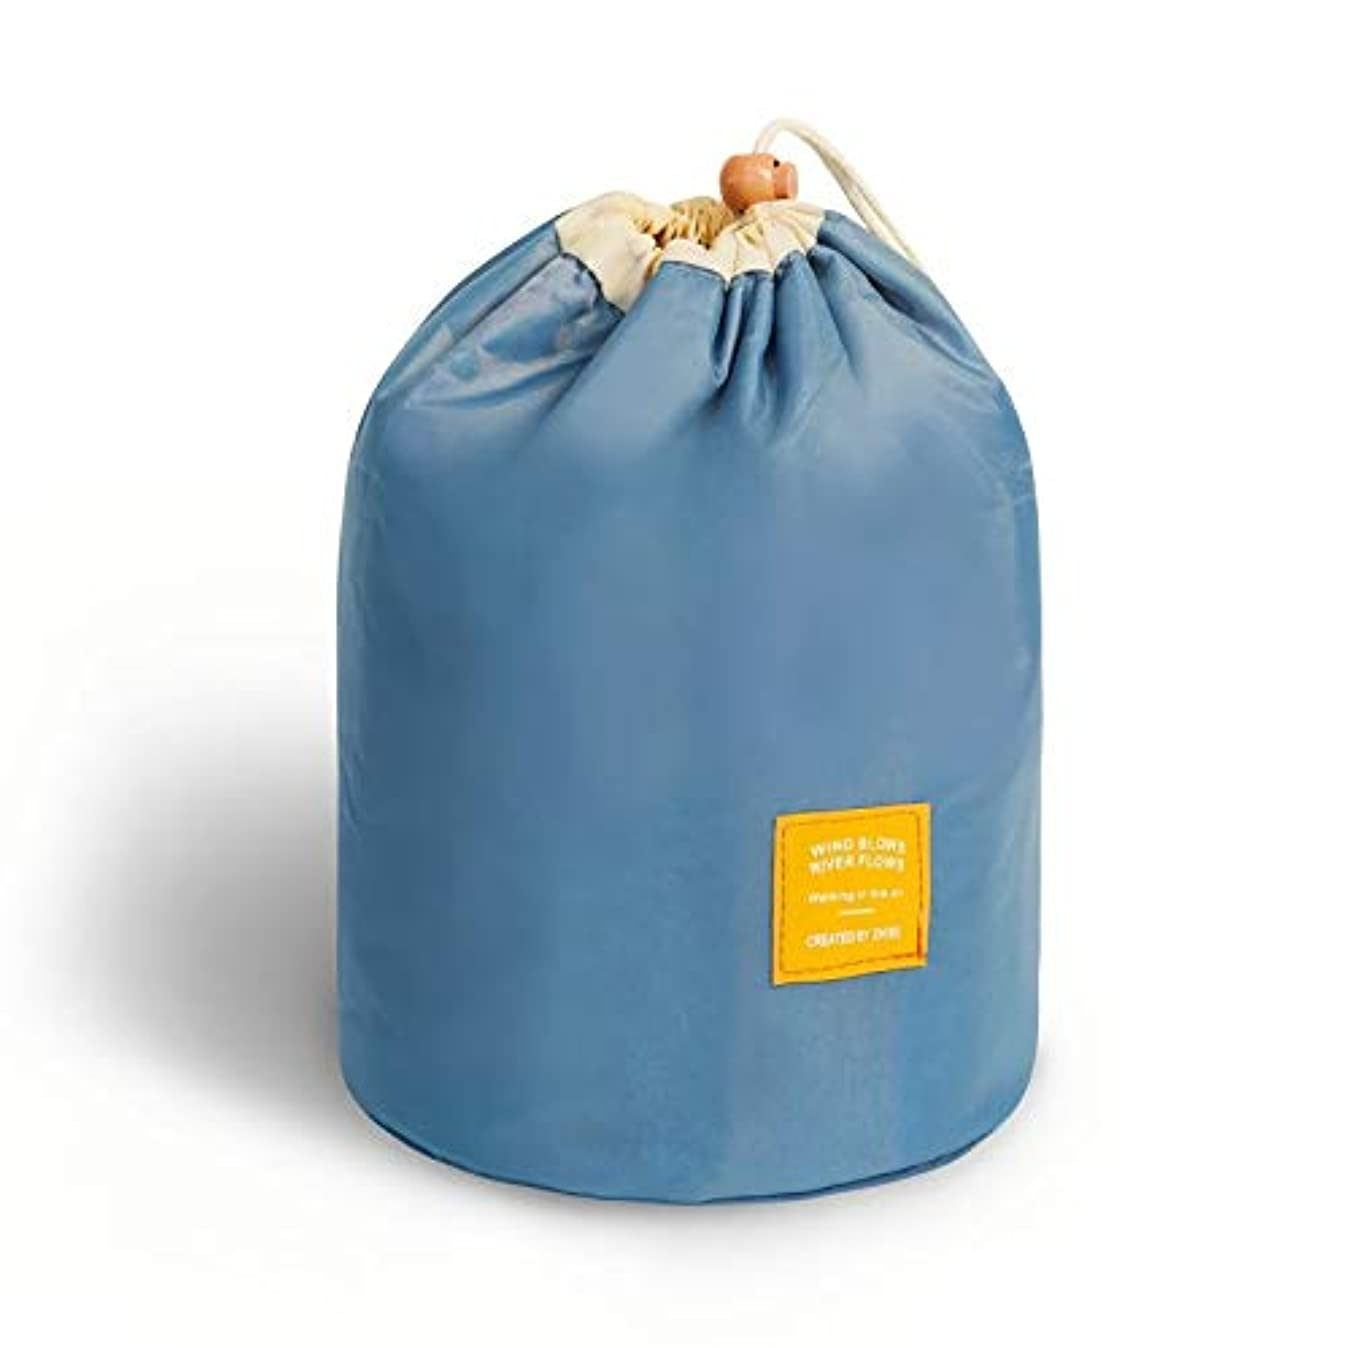 クック運命圧縮巾着袋 大容量 防水 防塵 化粧ポーチ 収納 コップ袋 円筒 ミニポーチ+PVCブラシバッグ付き (ブルー)